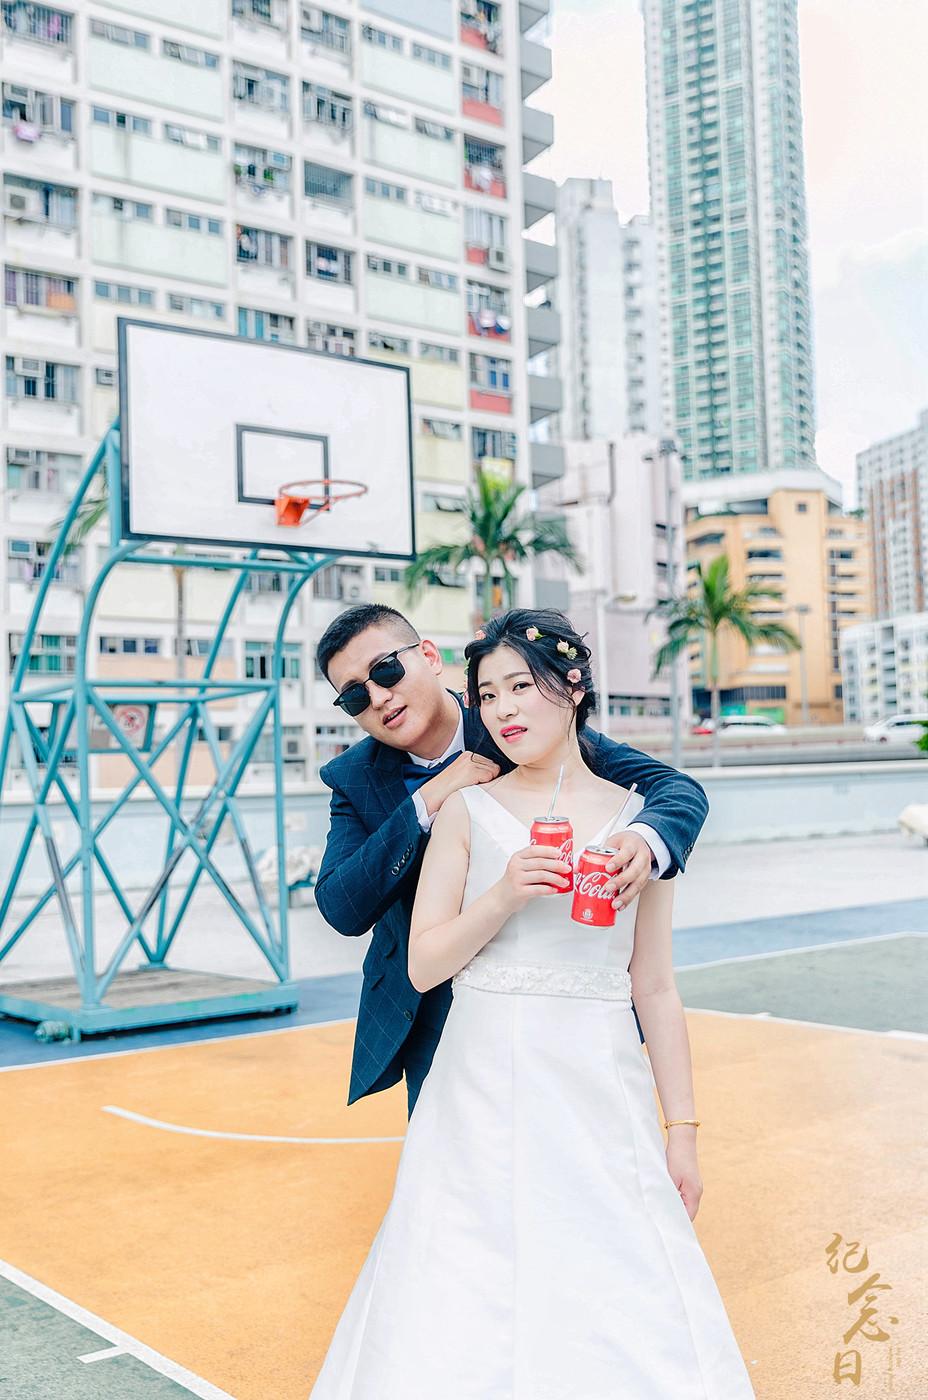 香港旅拍 | 昭甫&梦迪23